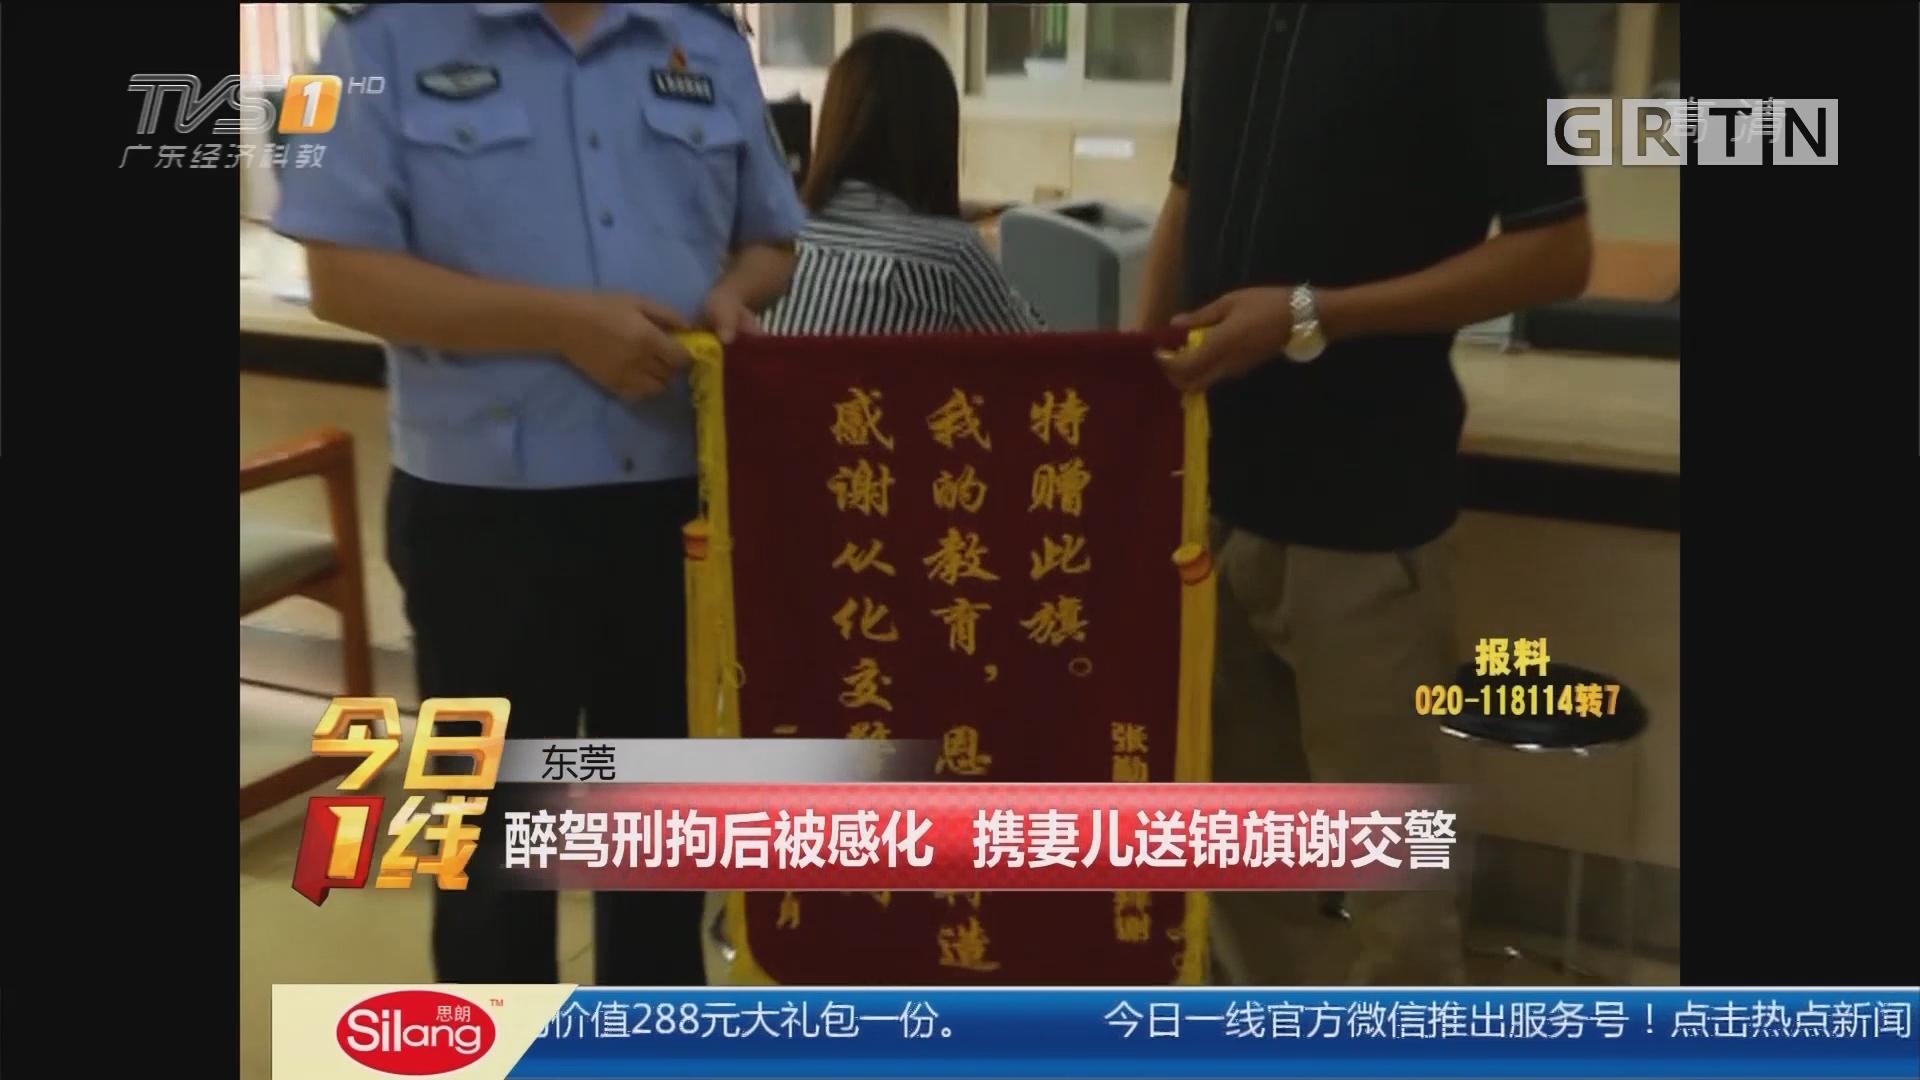 东莞:醉驾刑拘后被感化 携妻儿送锦旗谢交警